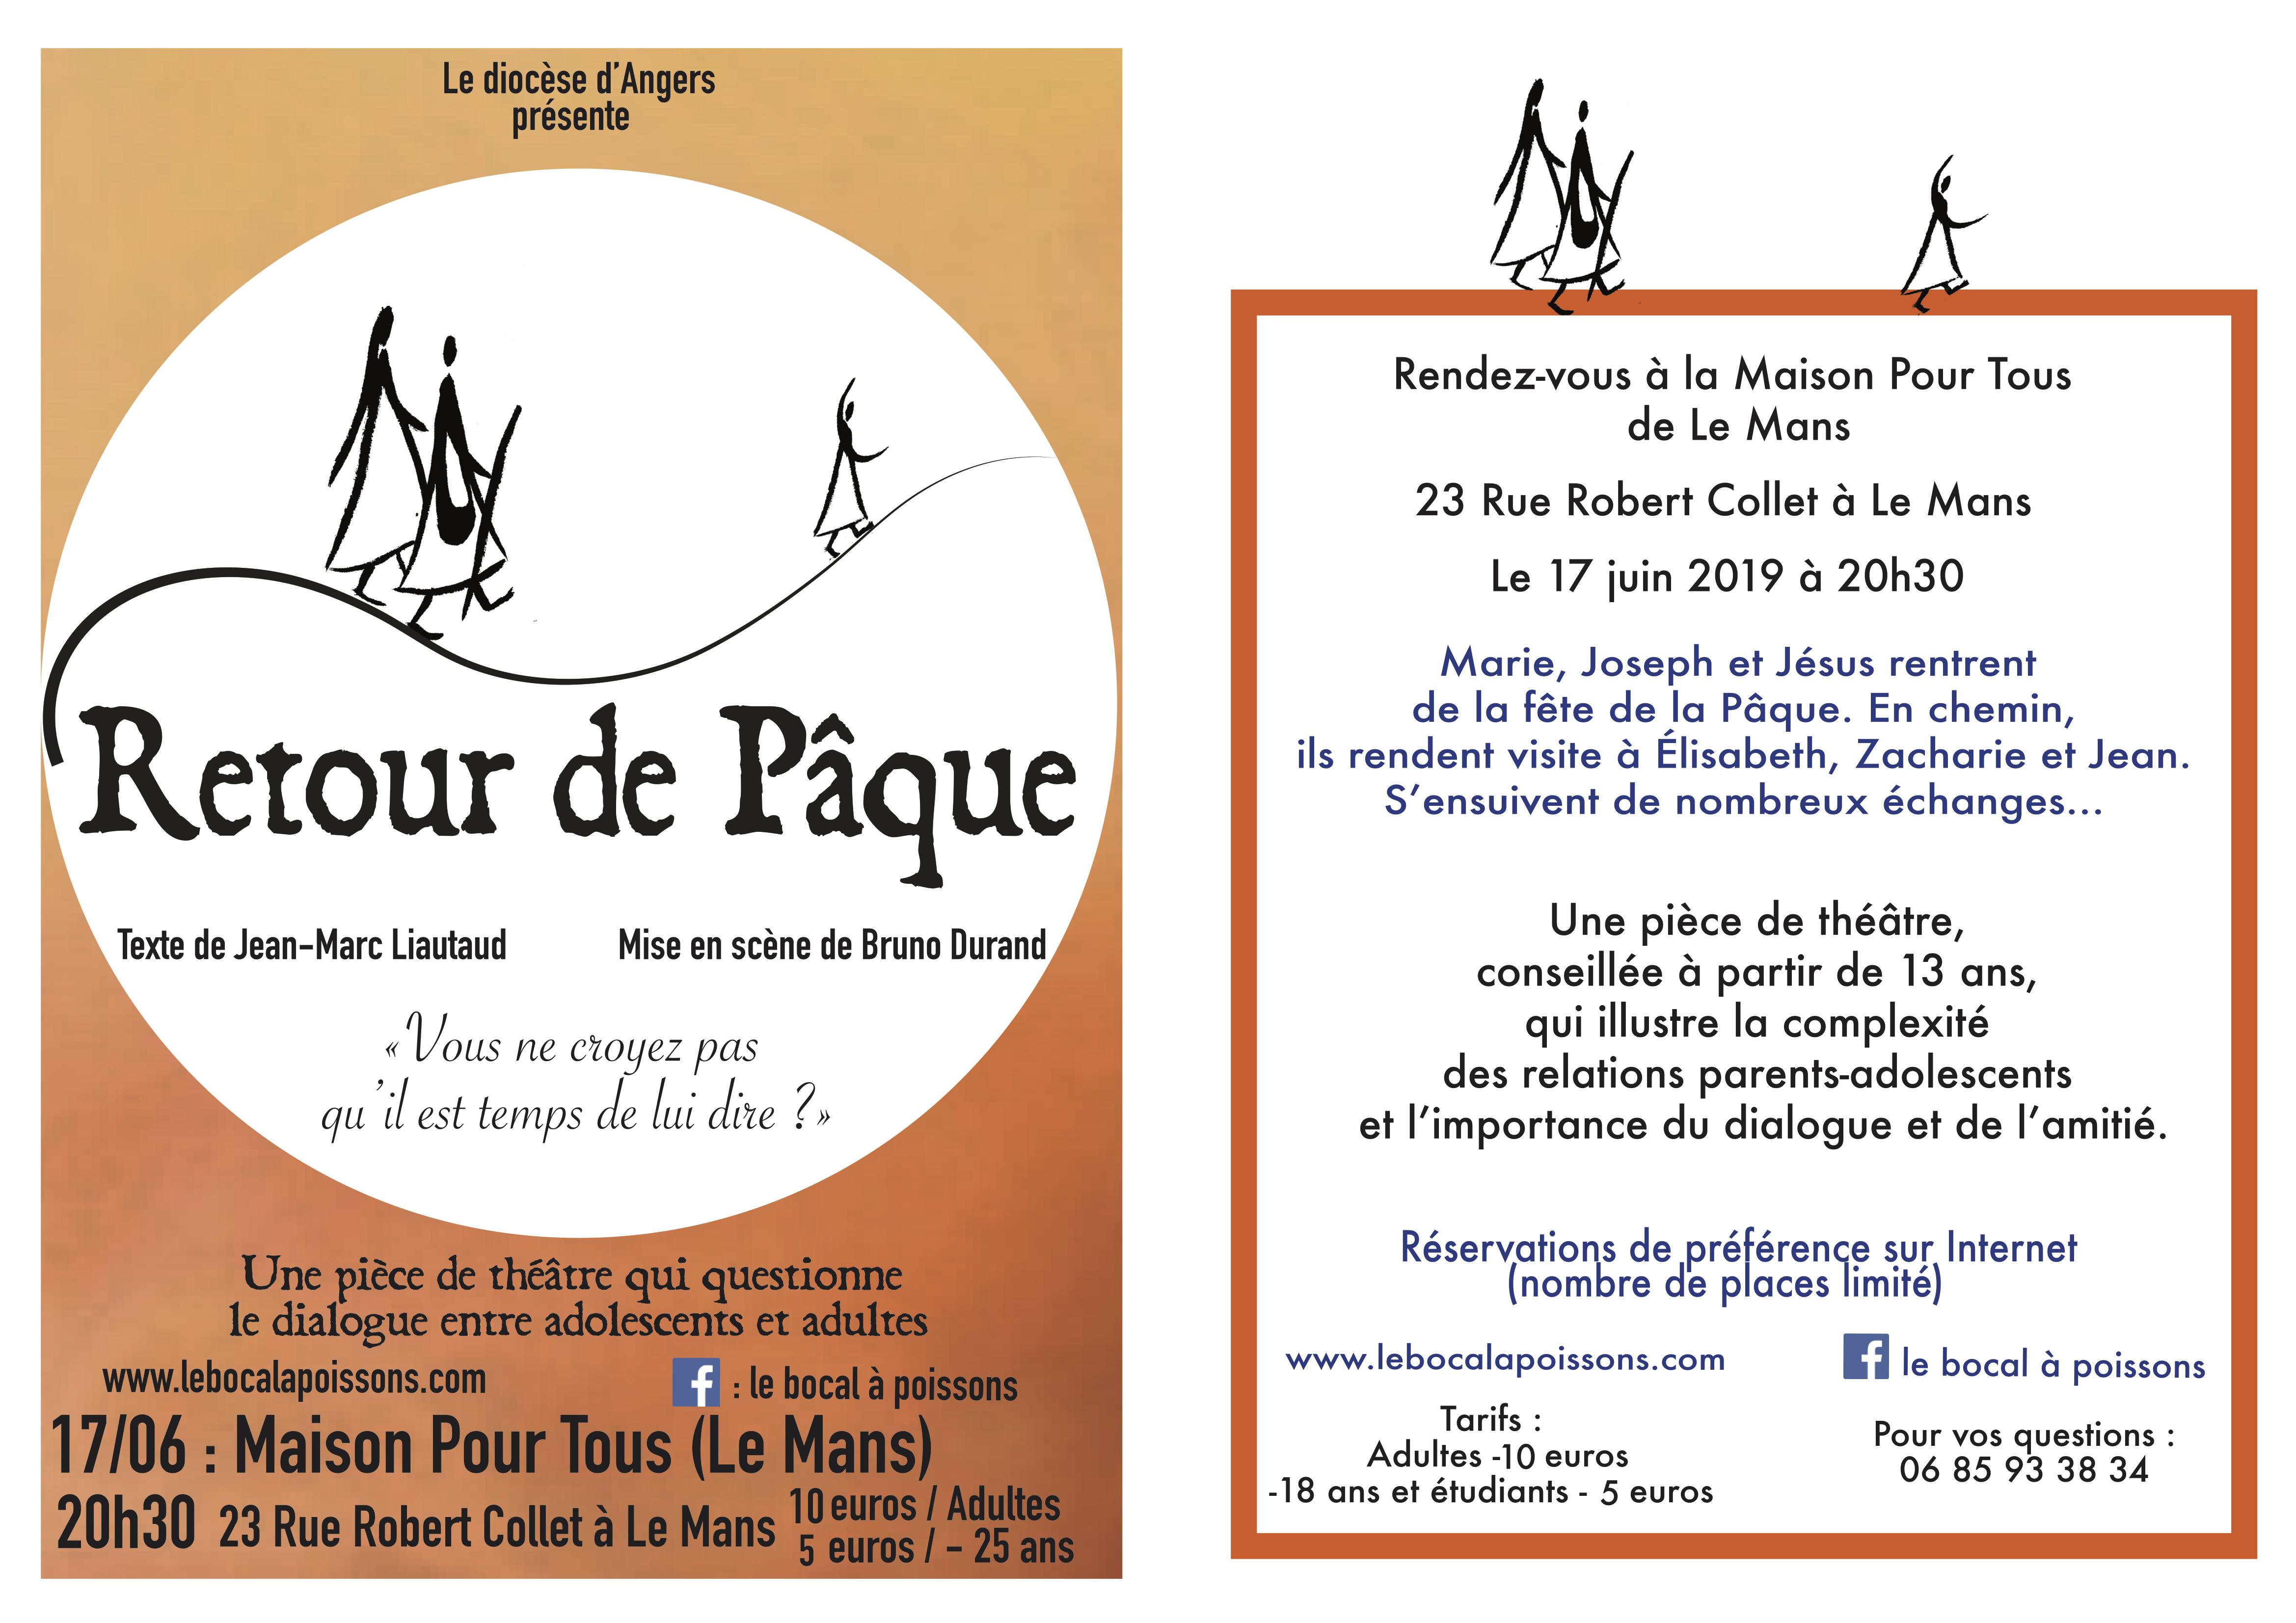 «Retour de Pâque»: Une pièce de théâtre pour faire réfléchir les adolescents – 17 juin 2019 – au Mans (72)